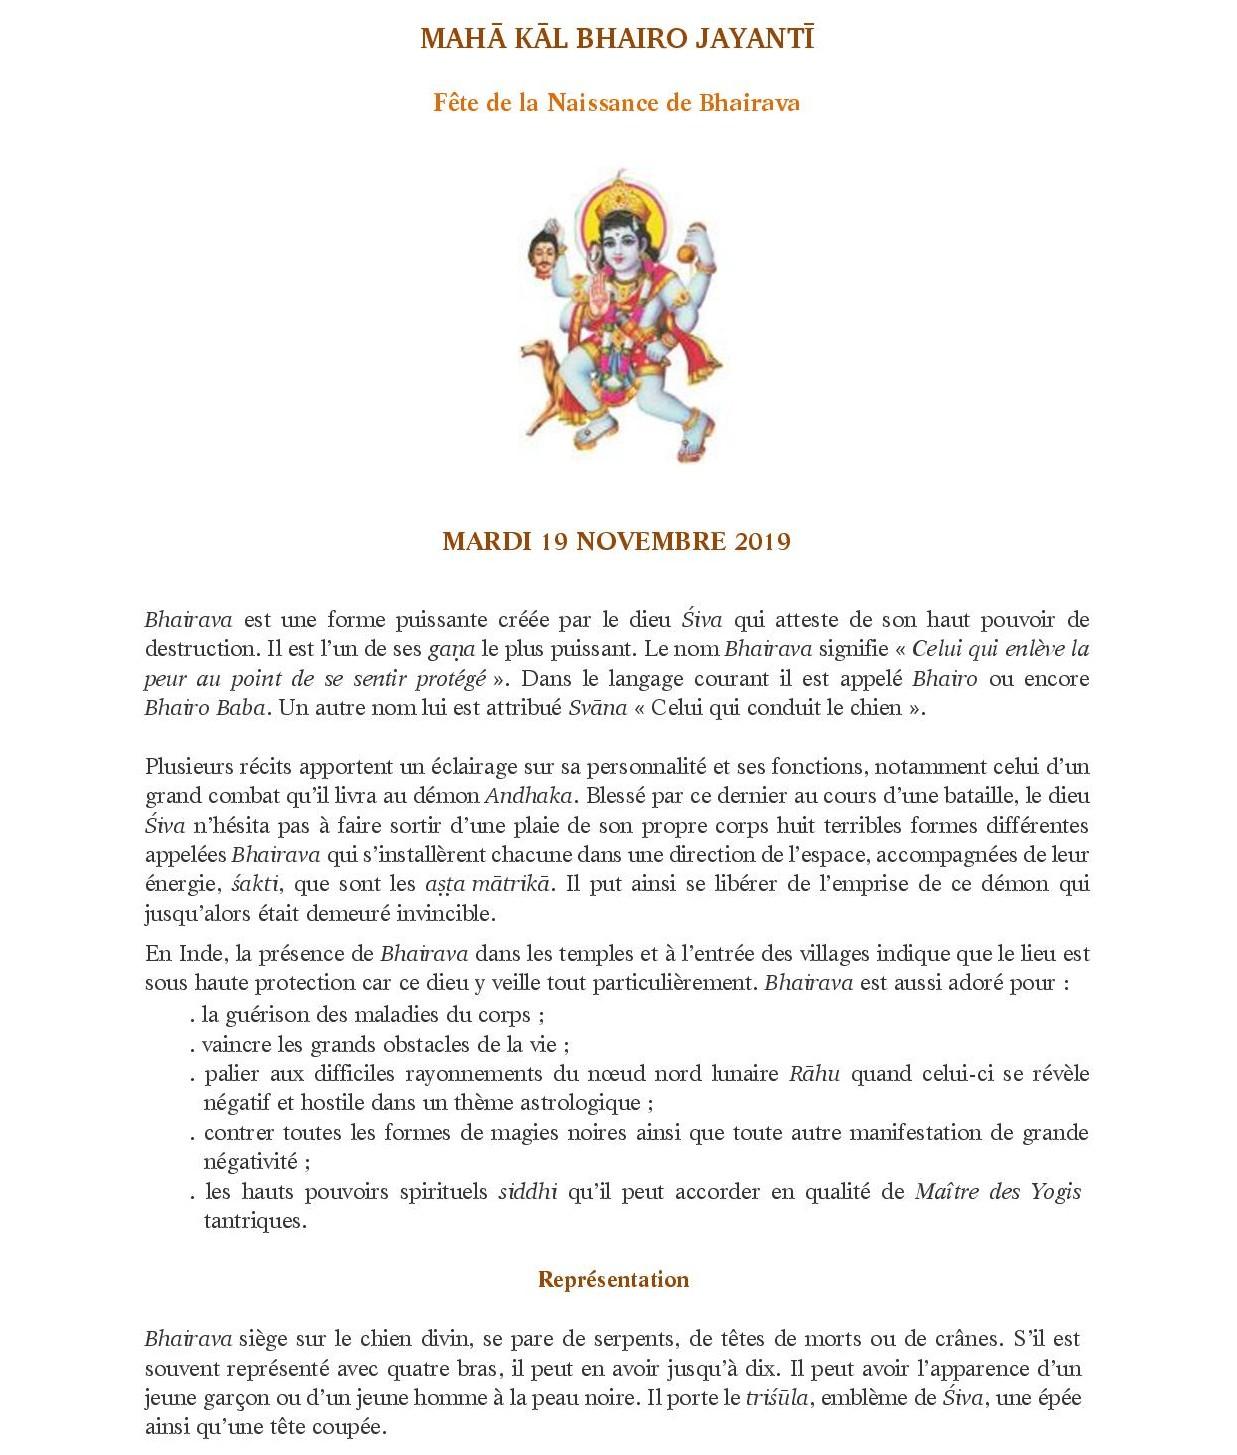 MAHAKAL BHAIRAVA JAYANTI MAJ NOV 2019-page-001